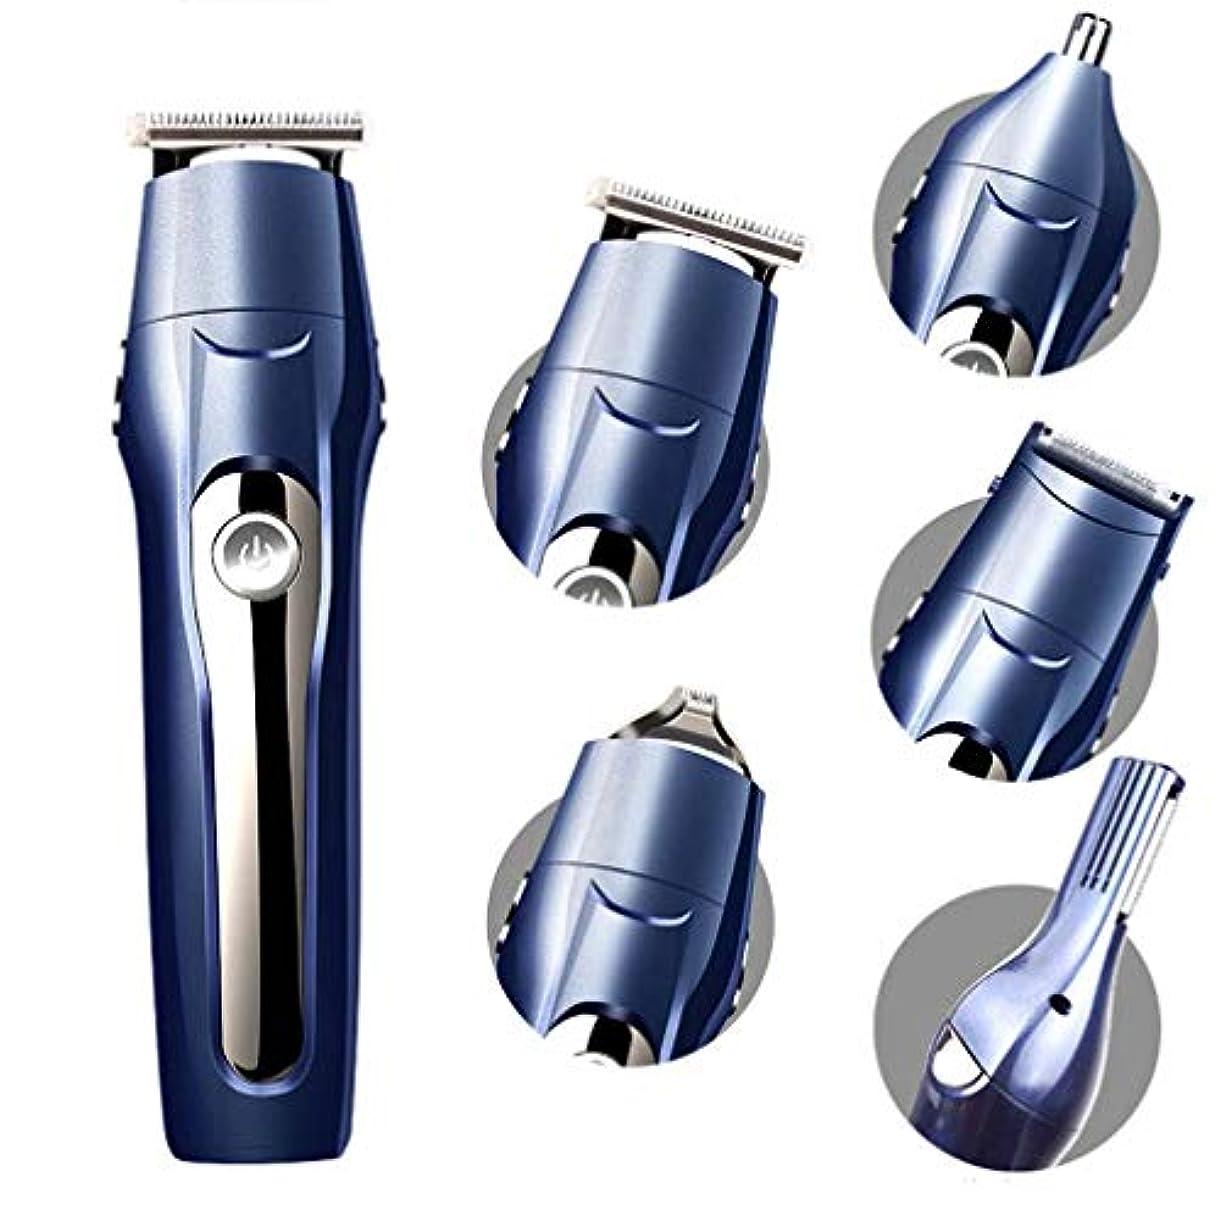 排泄物玉ねぎアジャ1で男性コードレス口ひげトリマーヘアートリマープレシジョントリマー鼻毛トリマー防水USB充電式5のためのビアードトリマー